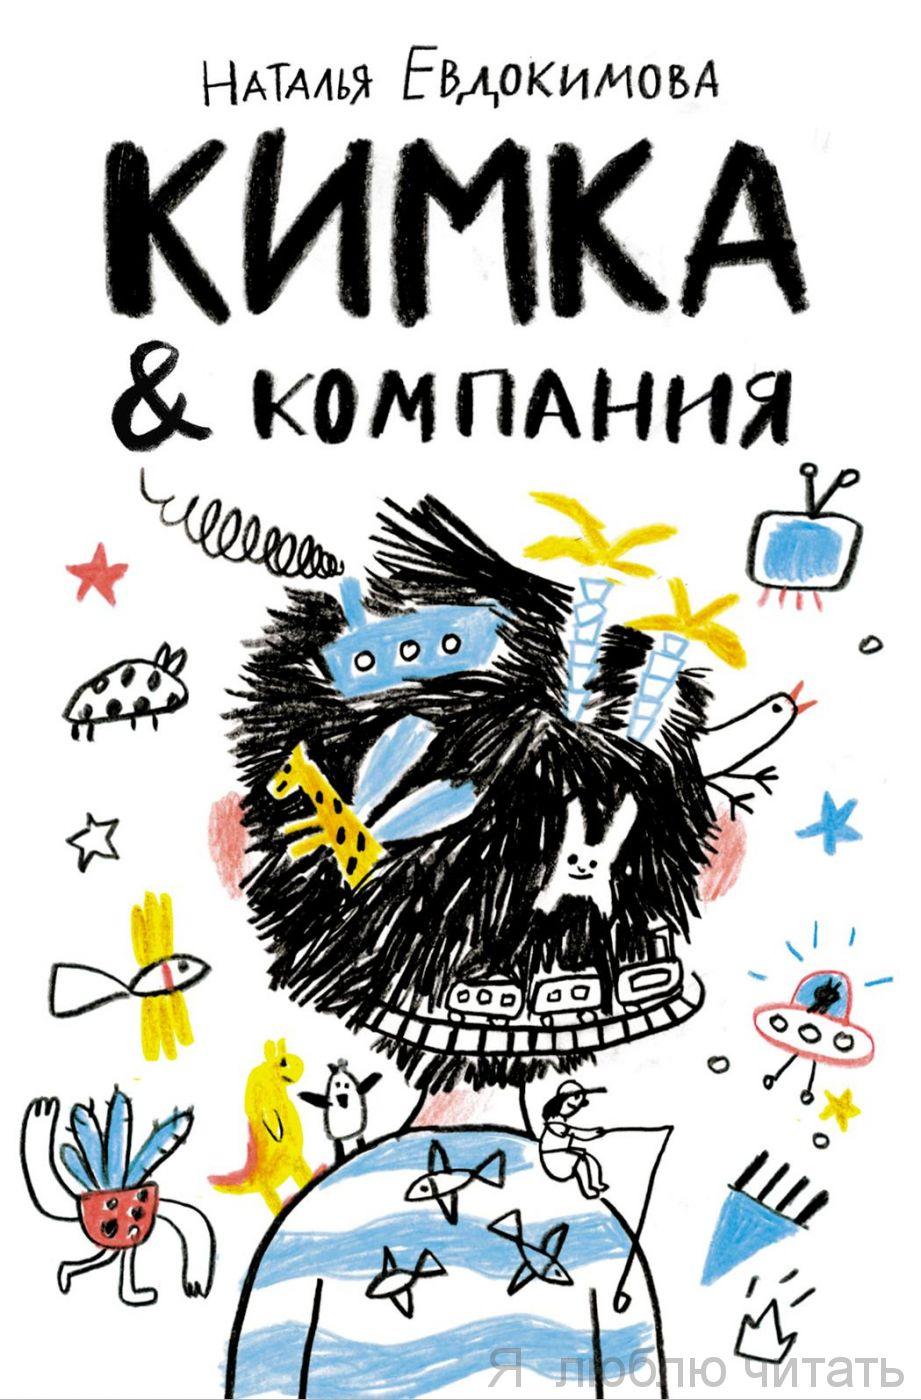 Кимка&компания